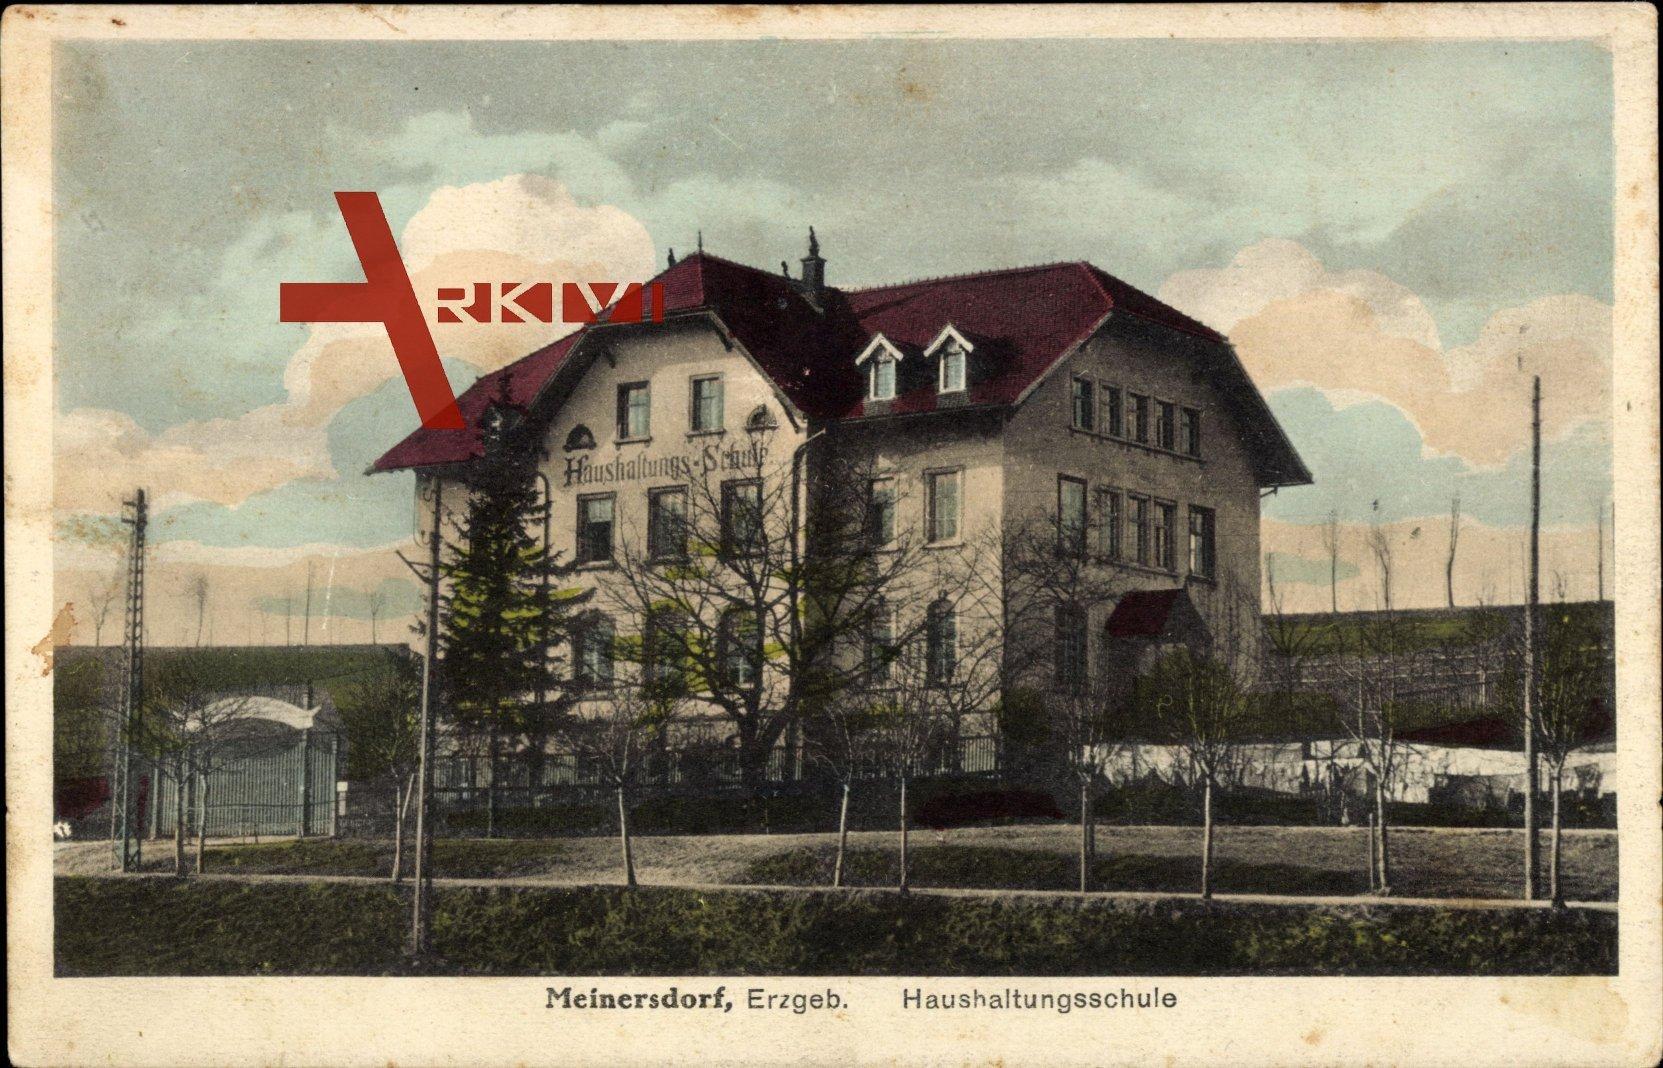 Meinersdorf Burkhardsdorf Erzgebirge, Ansicht der Haushaltungsschule